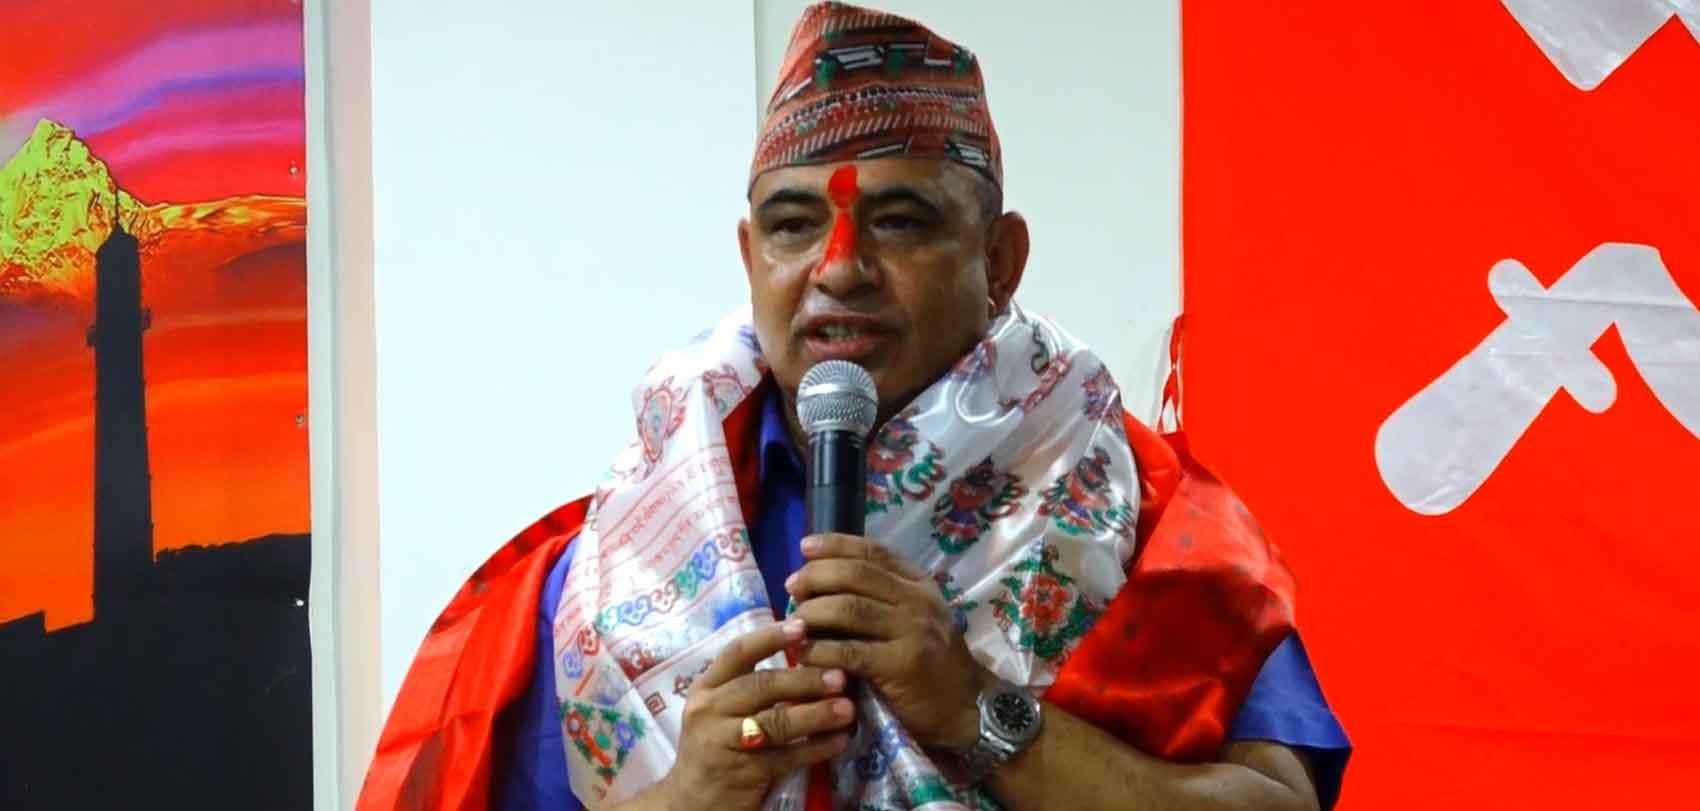 असोज २०७५ मा नेपाल कम्युनिष्ट पार्टी प्रवेश गरेपछि सम्बोधन गर्दै महेशप्रसाद दाहाल। फाइल तस्बिर : रासस